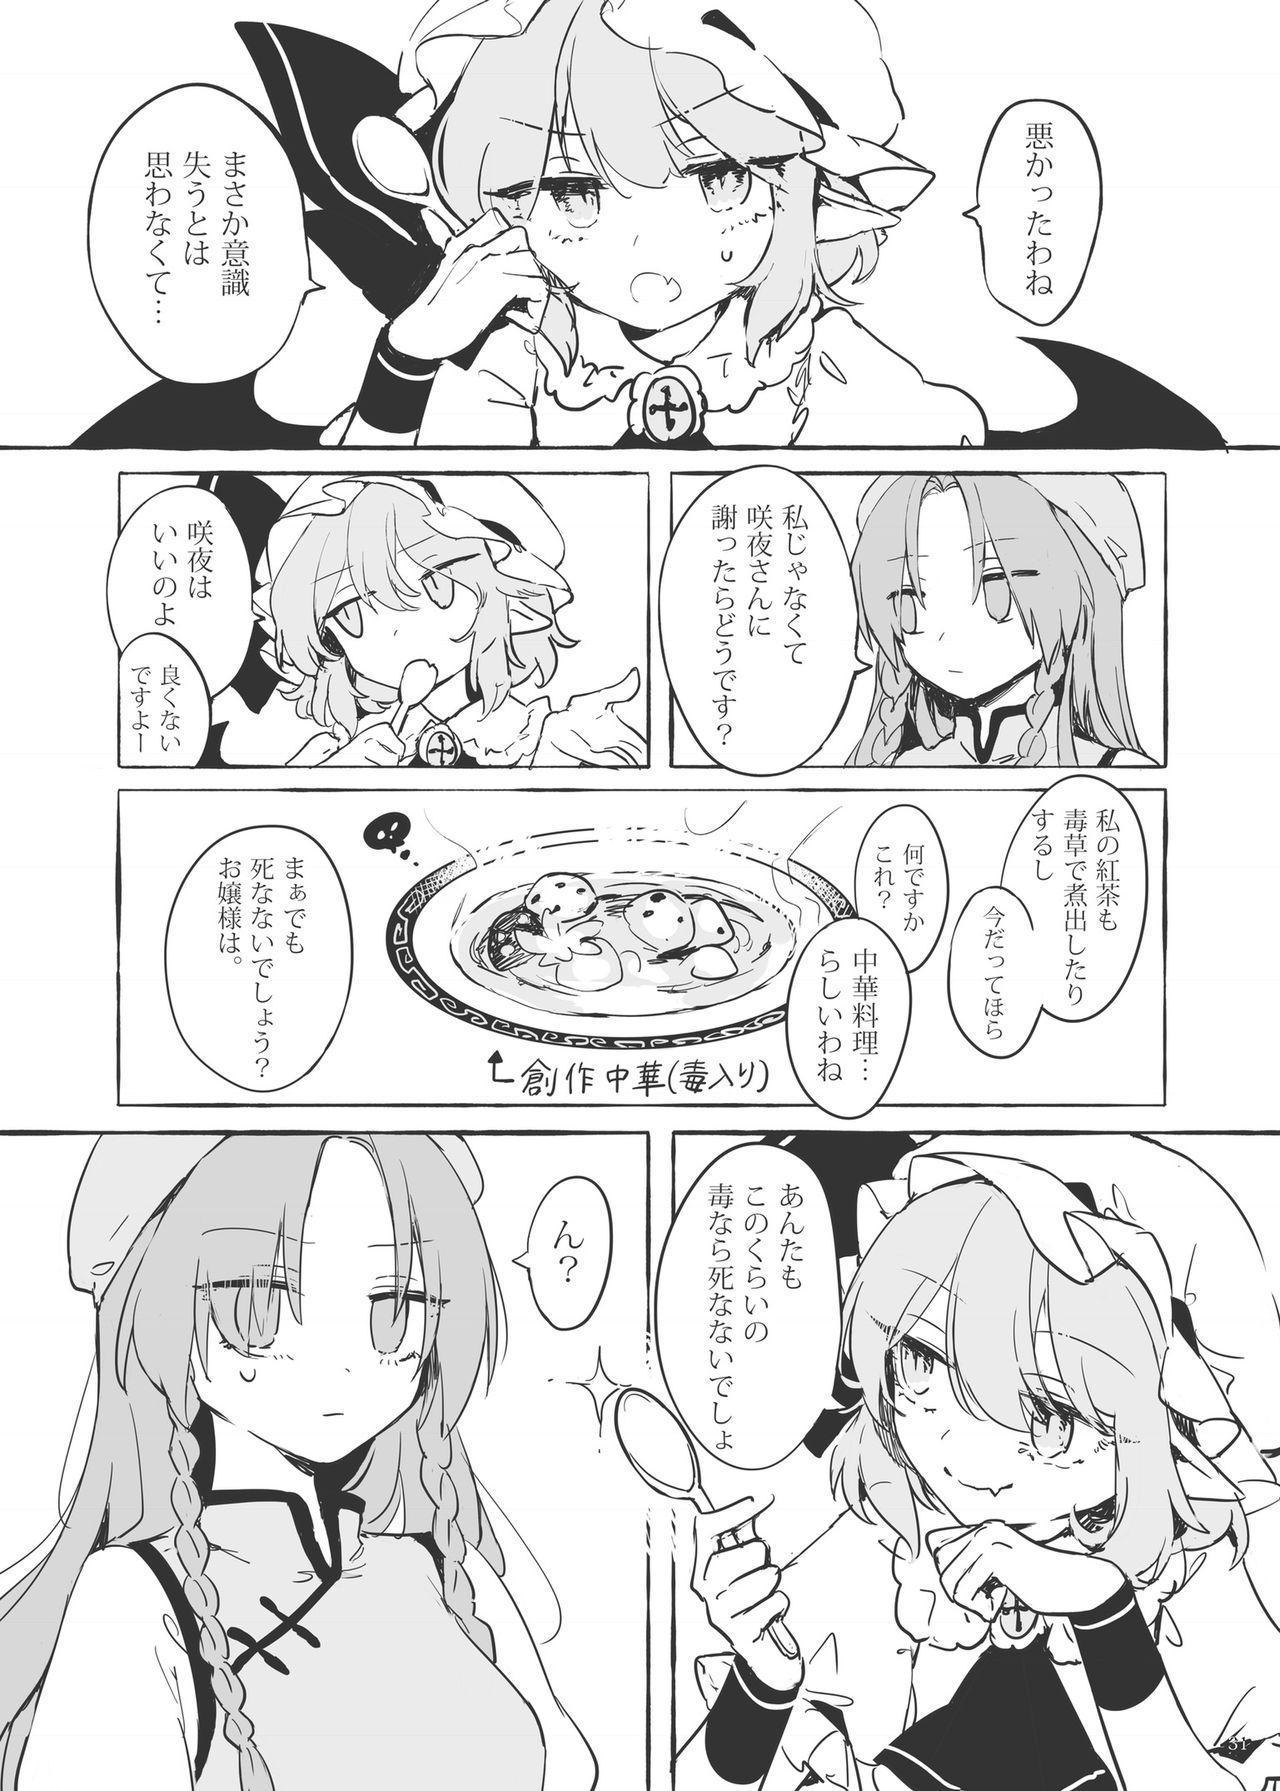 Meiling ni Kawaigarareru Sakuya-san ga Mitai Hon 29